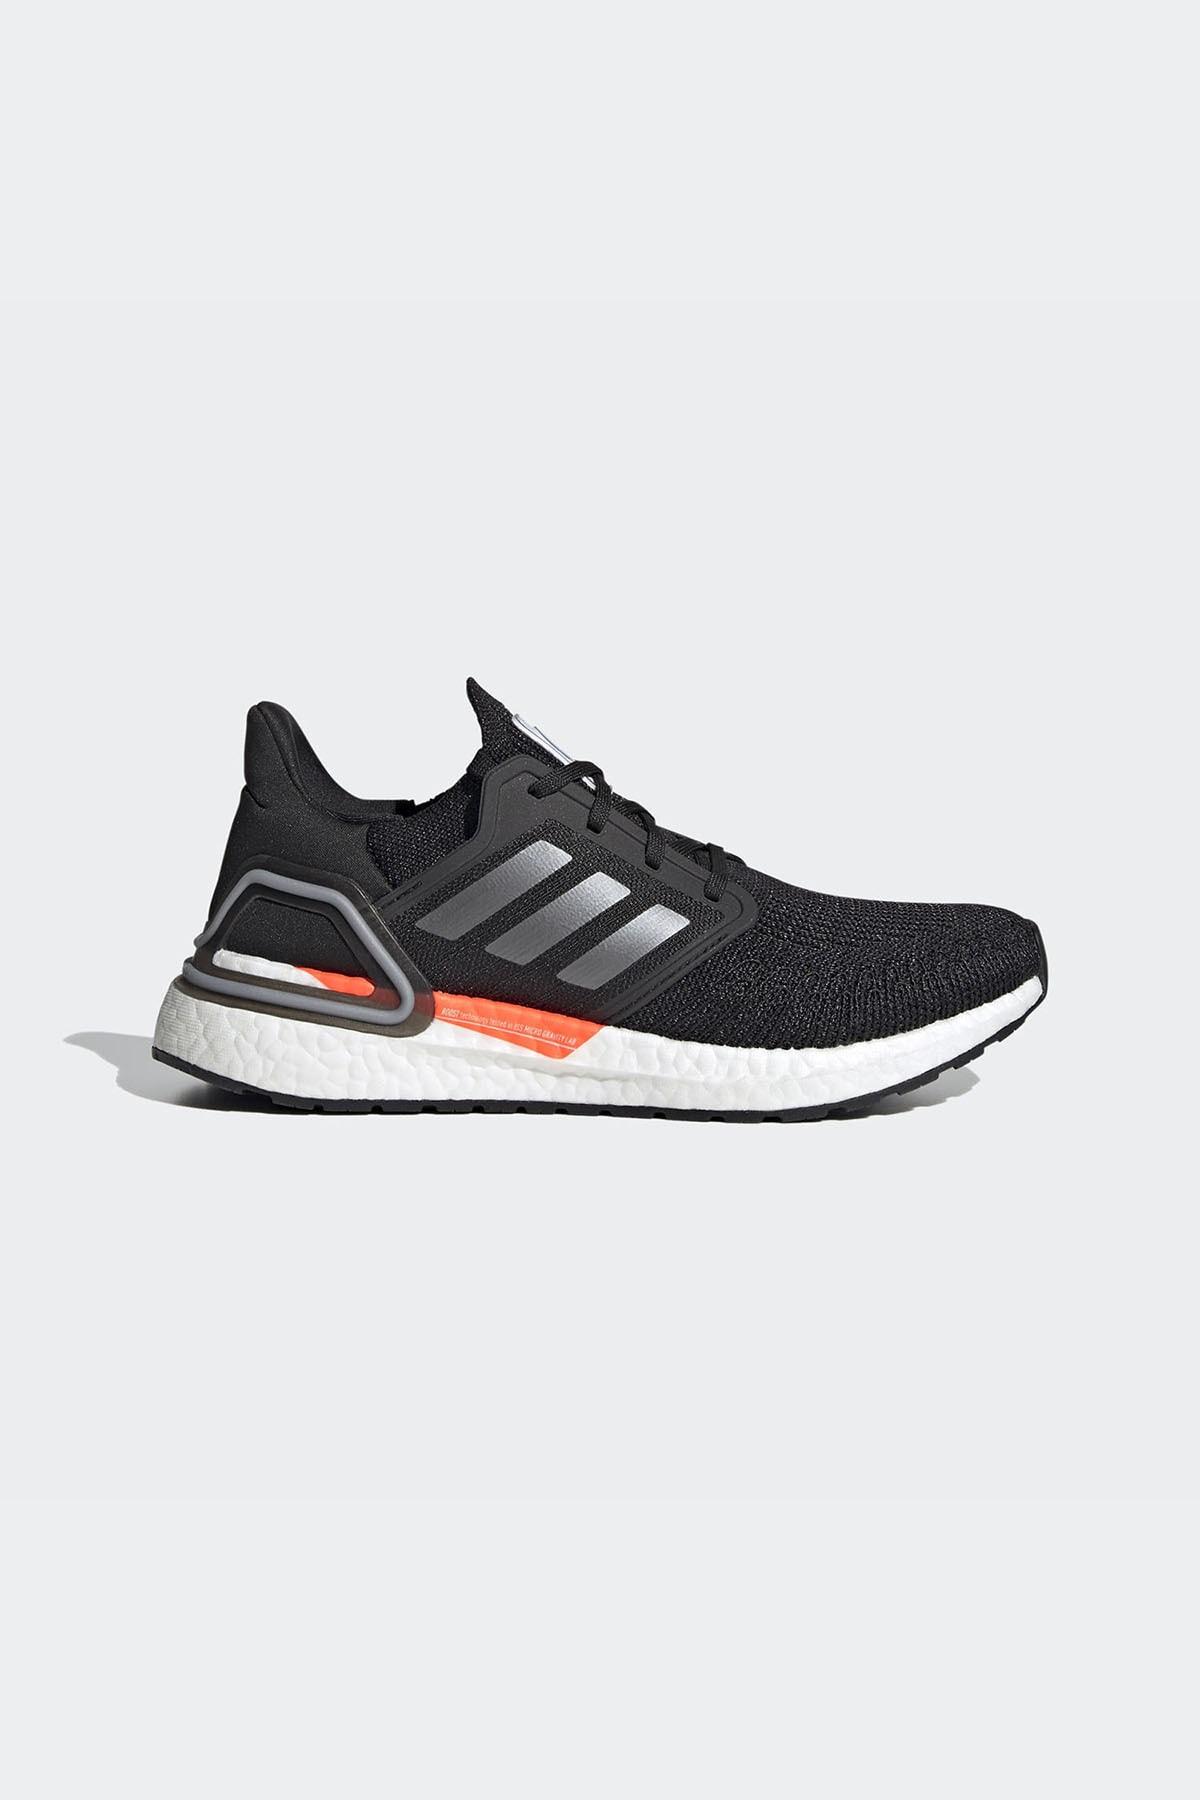 Kadın Koşu - Yürüyüş Ayakkabı Ultraboost 20 W Fz0174